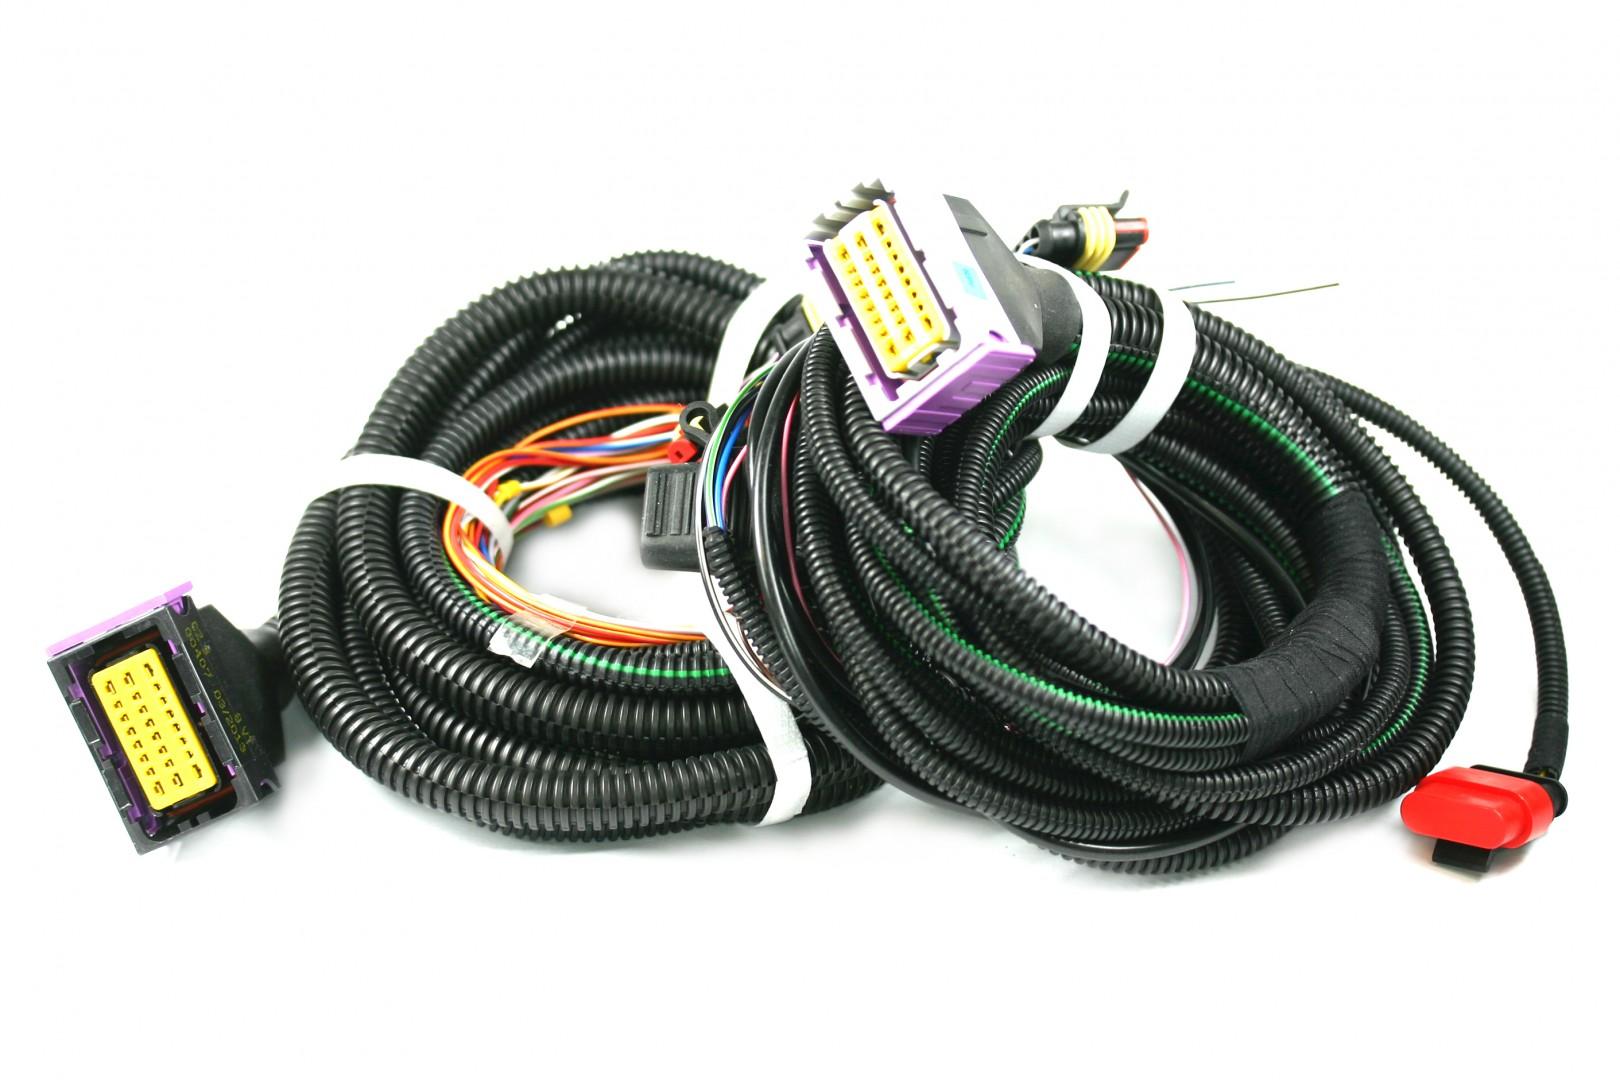 kme diego g3 8 zylinder kabelbaum autogasanlagen und. Black Bedroom Furniture Sets. Home Design Ideas